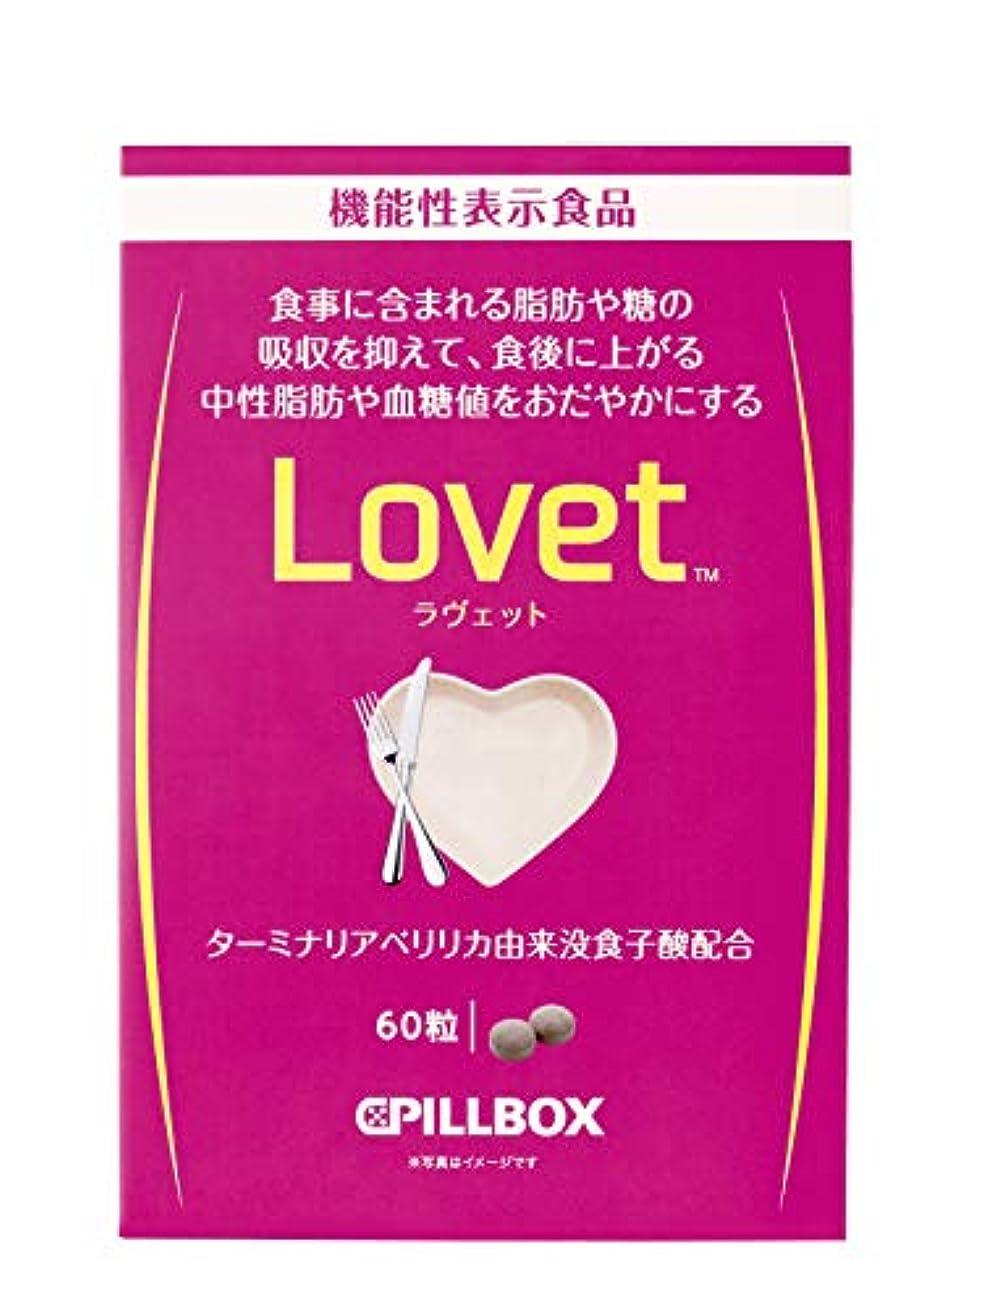 薬理学テナント少年ピルボックス Lovet(ラヴェット)60粒 [機能性表示食品]